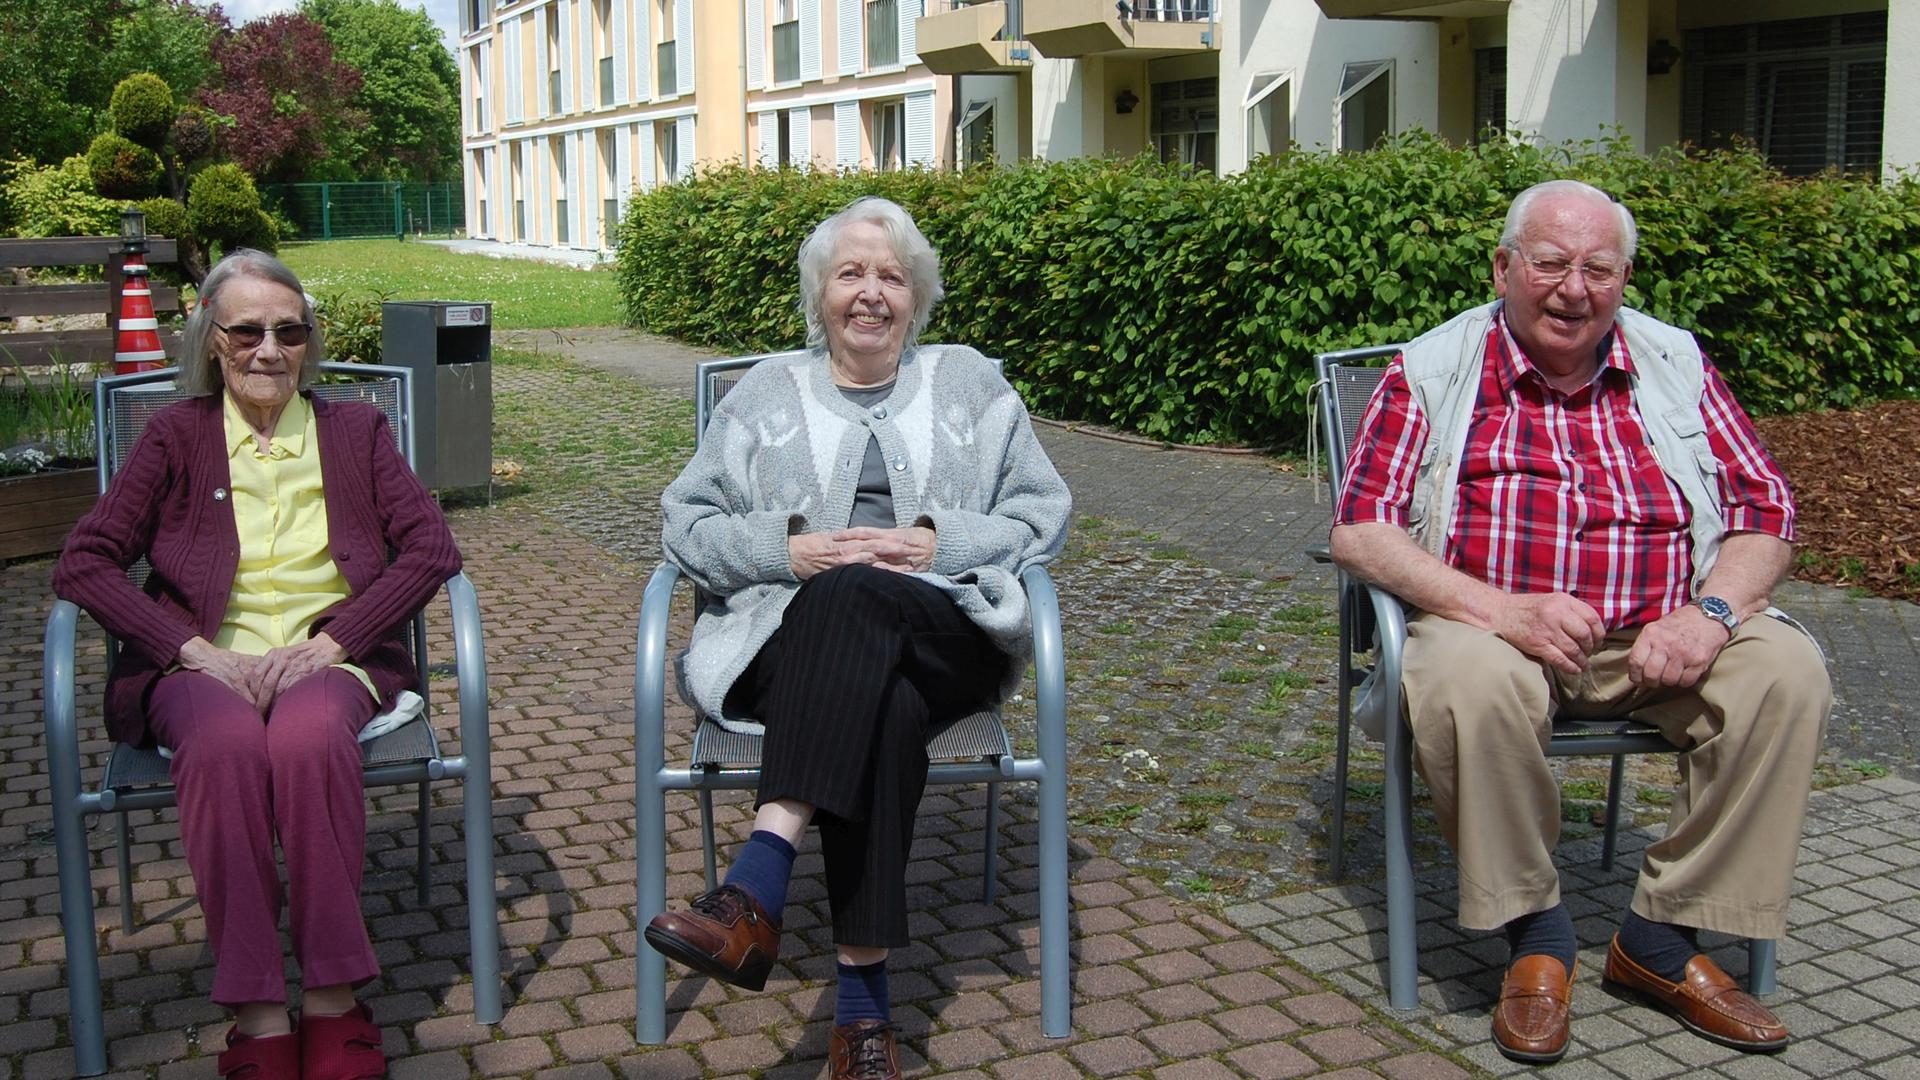 Gertrud Lamm, Anna Saxer und Günter Gerspacher (von links), Bewohner des Altenpflegeheims Geschwister W. Nees in Linkenheim-Hochstetten